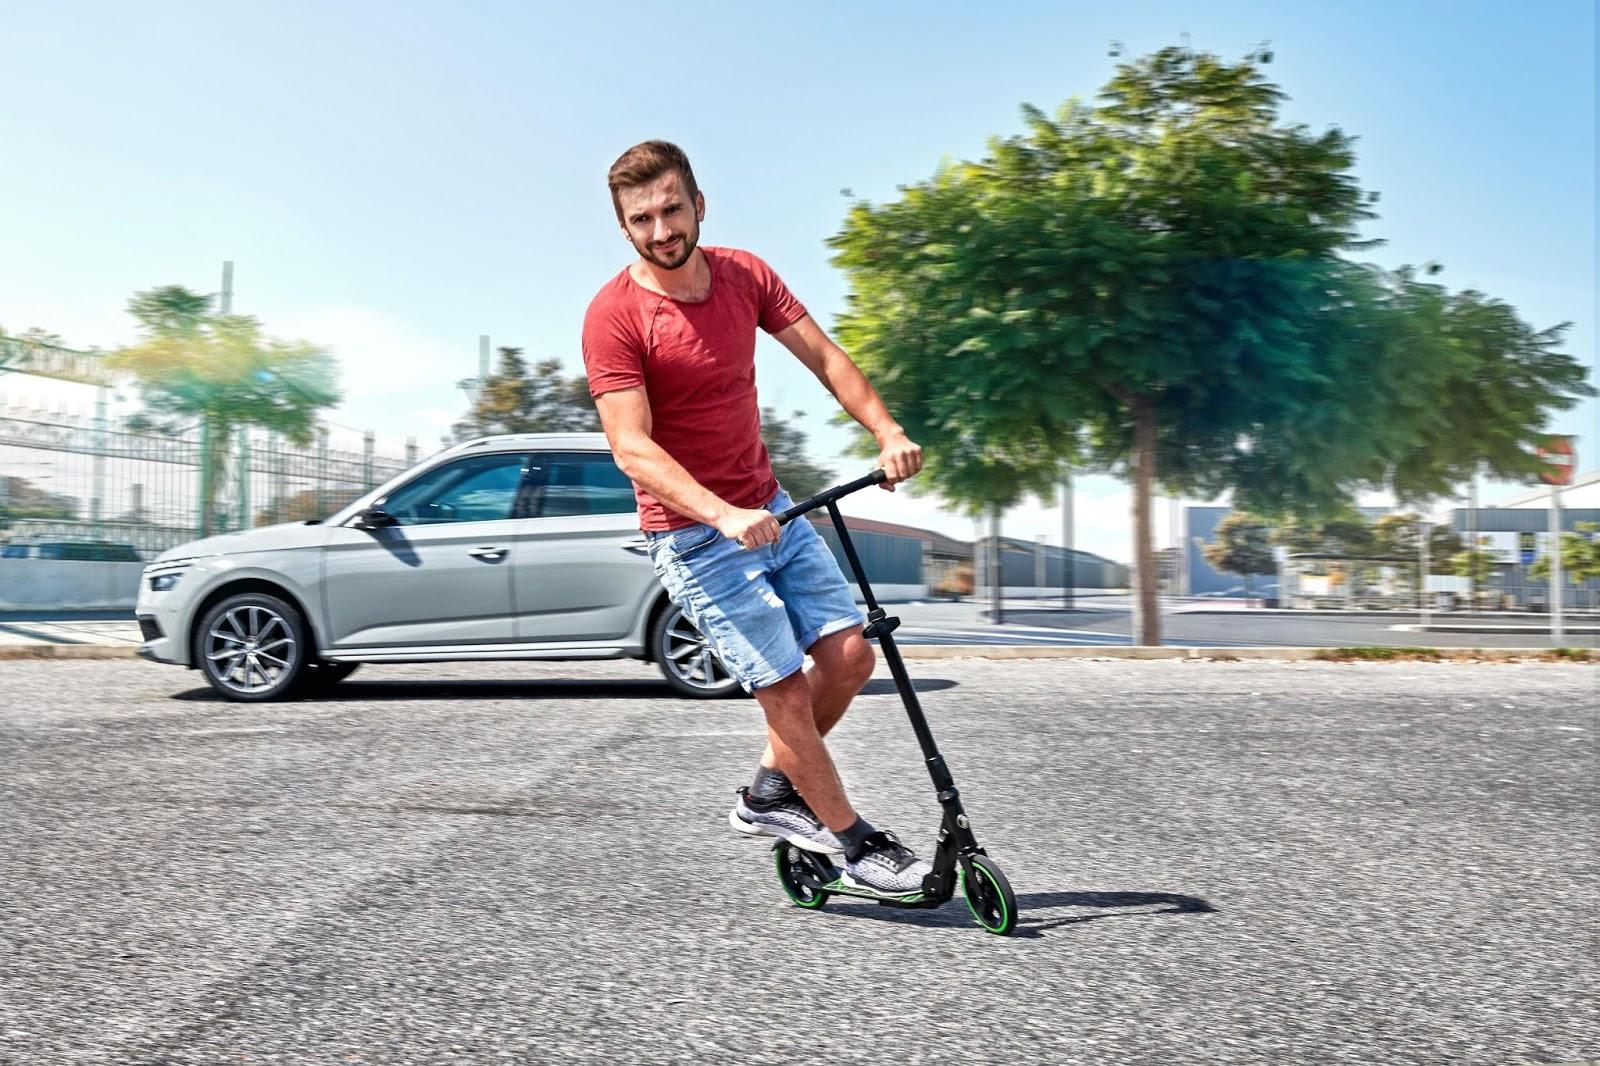 Skoda también lanza su propio patinete eléctrico Simply Clever